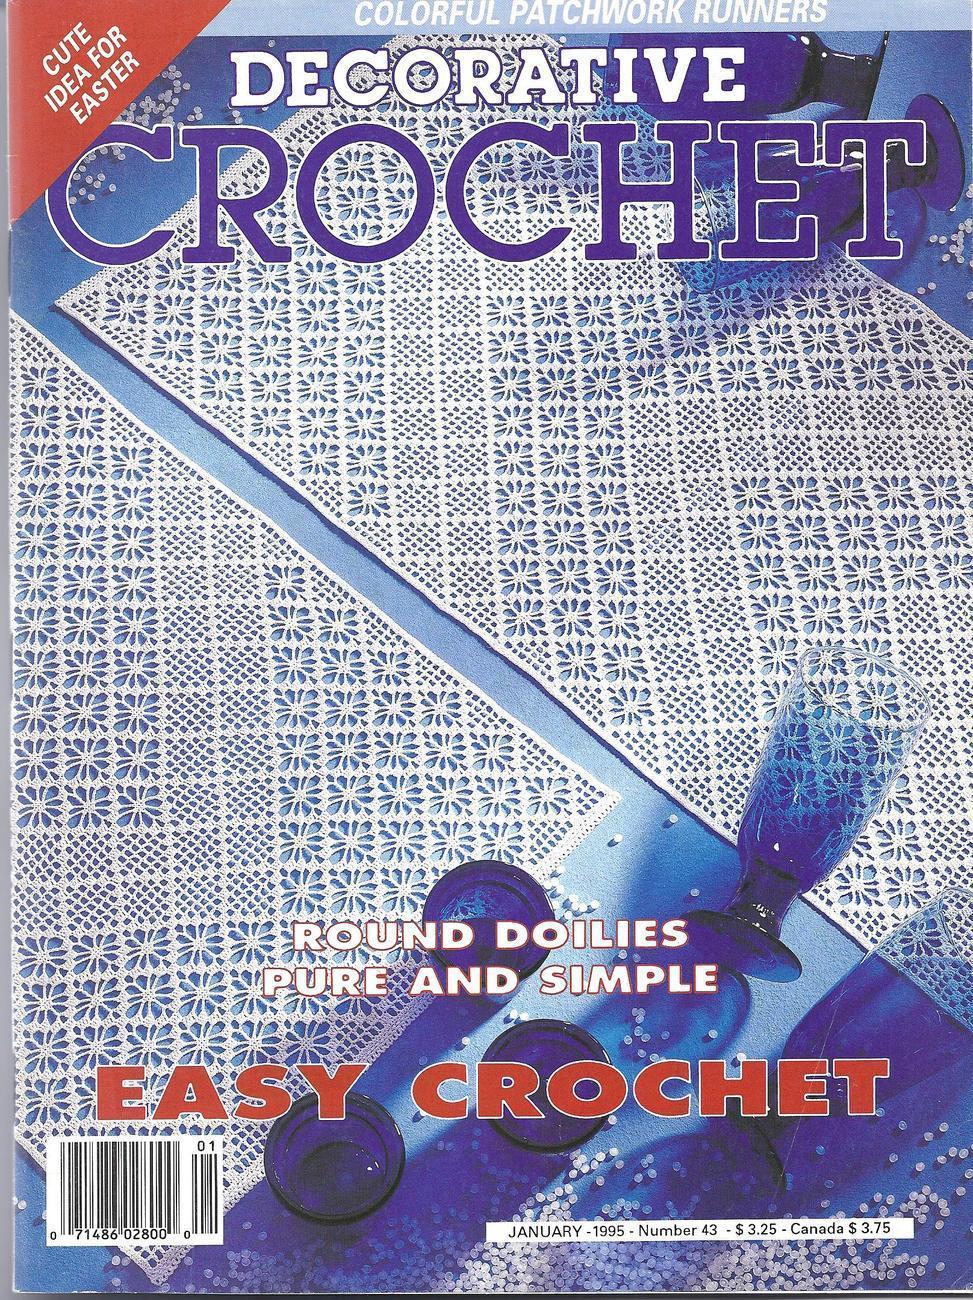 Free crochet pattern, free crocheting patterns